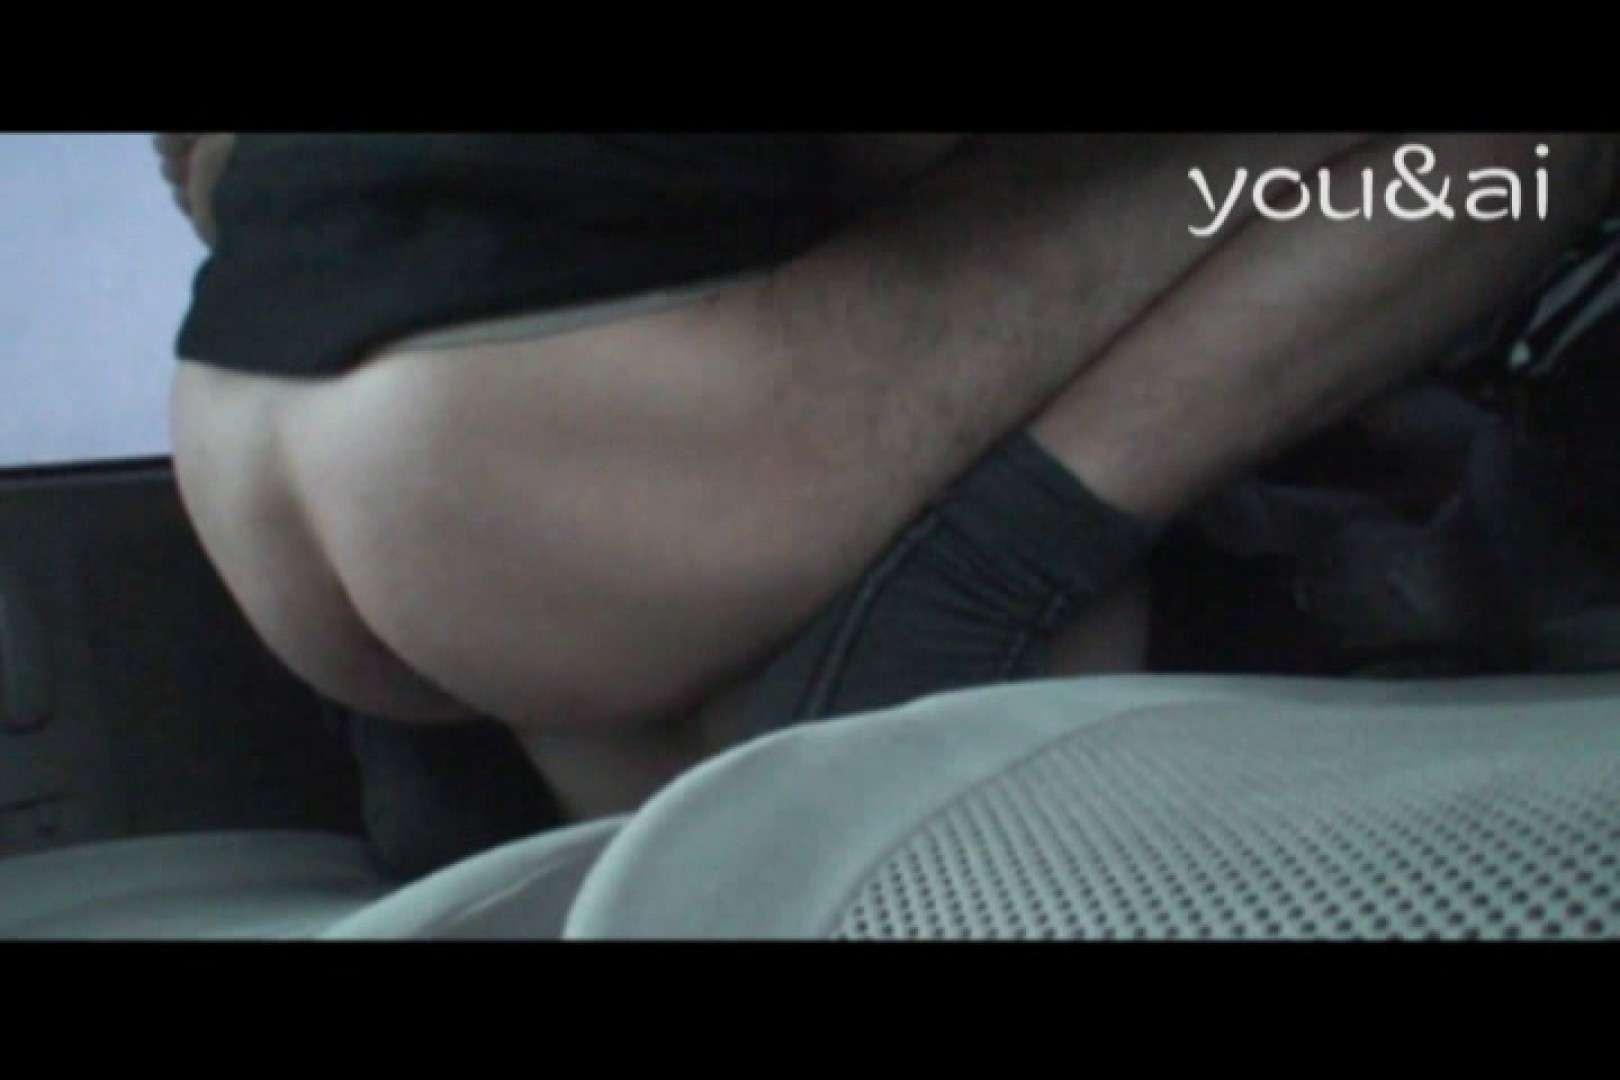 おしどり夫婦のyou&aiさん投稿作品vol.8 一般投稿 戯れ無修正画像 72枚 42